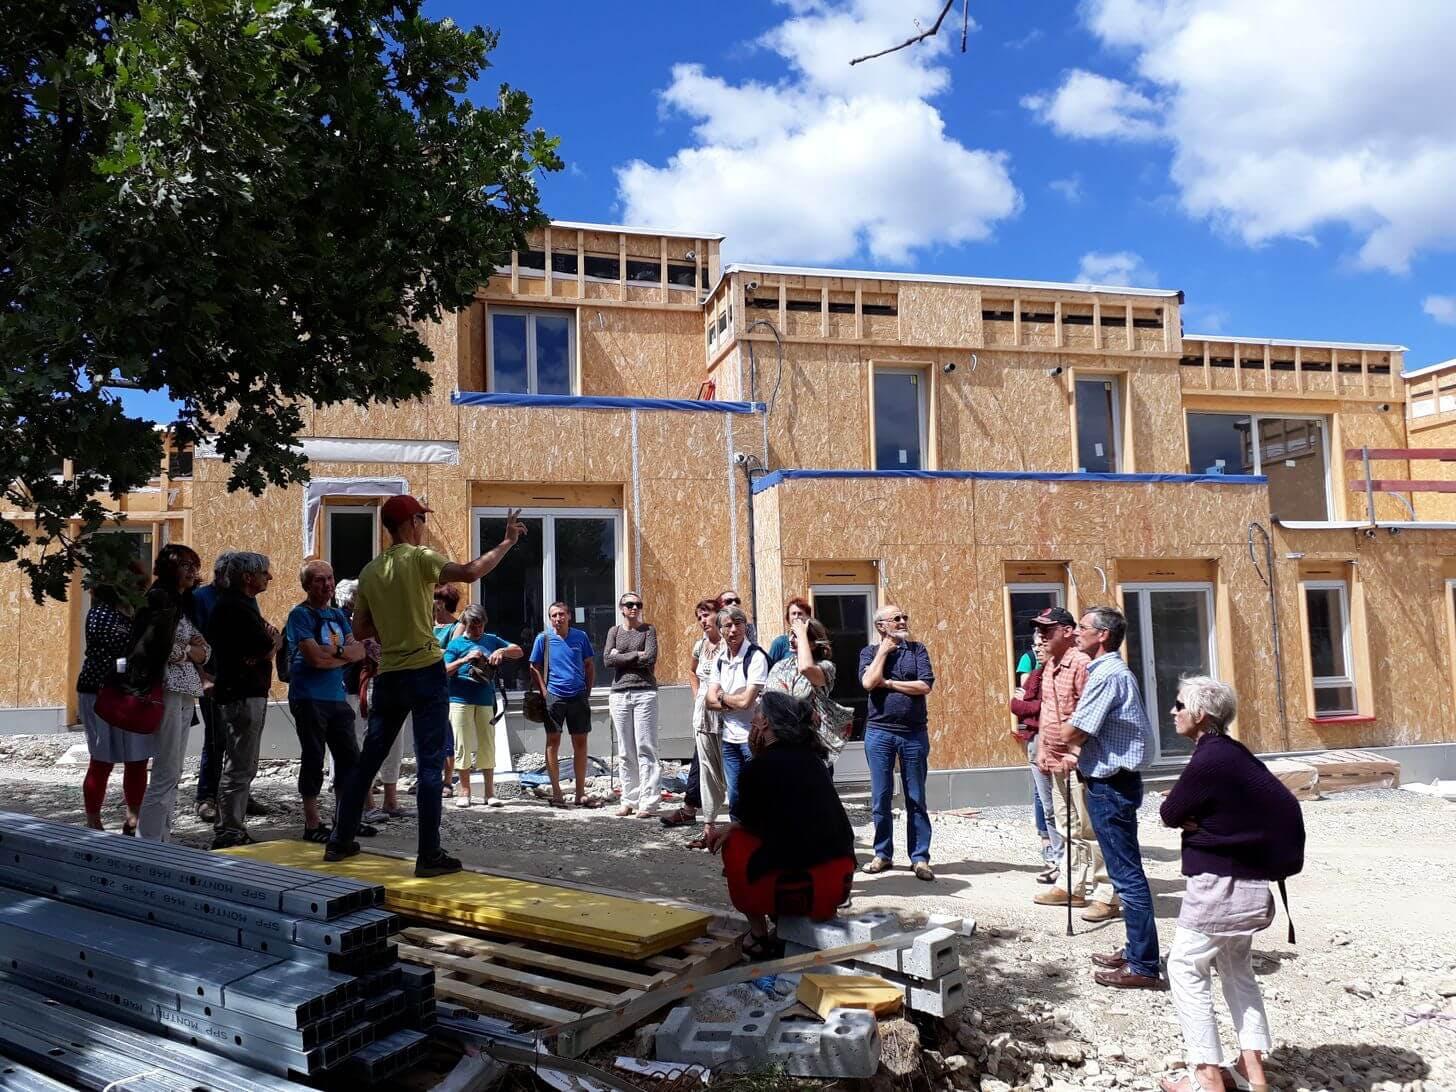 Enercoop Provence-Alpes-Côte d'Azur PACA - Rencontre coopérative 2017 - Forcalquier - Chantier